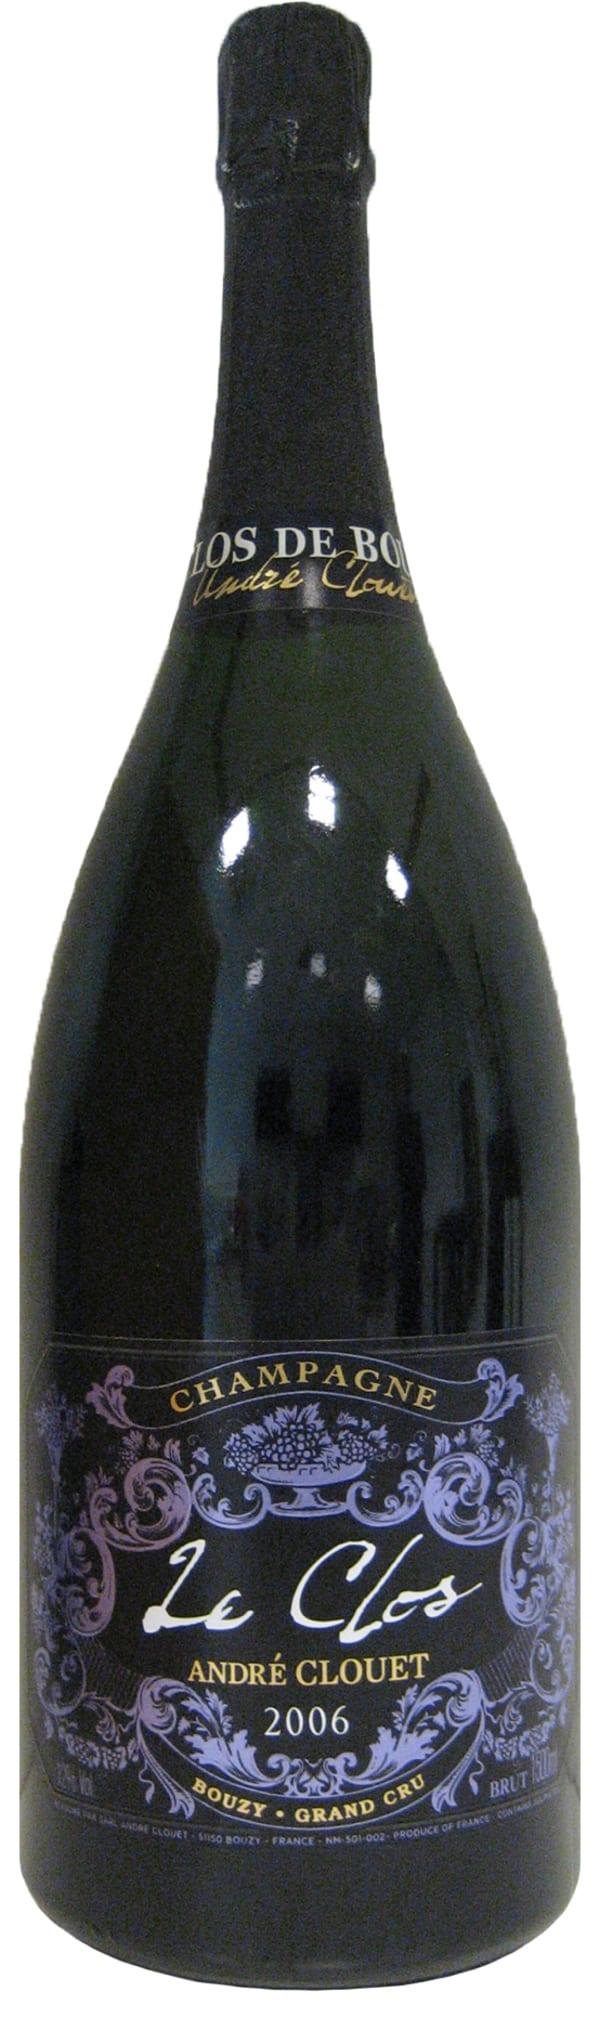 André Clouet Le Clos de Bouzy Grand Cru Champagne 2006